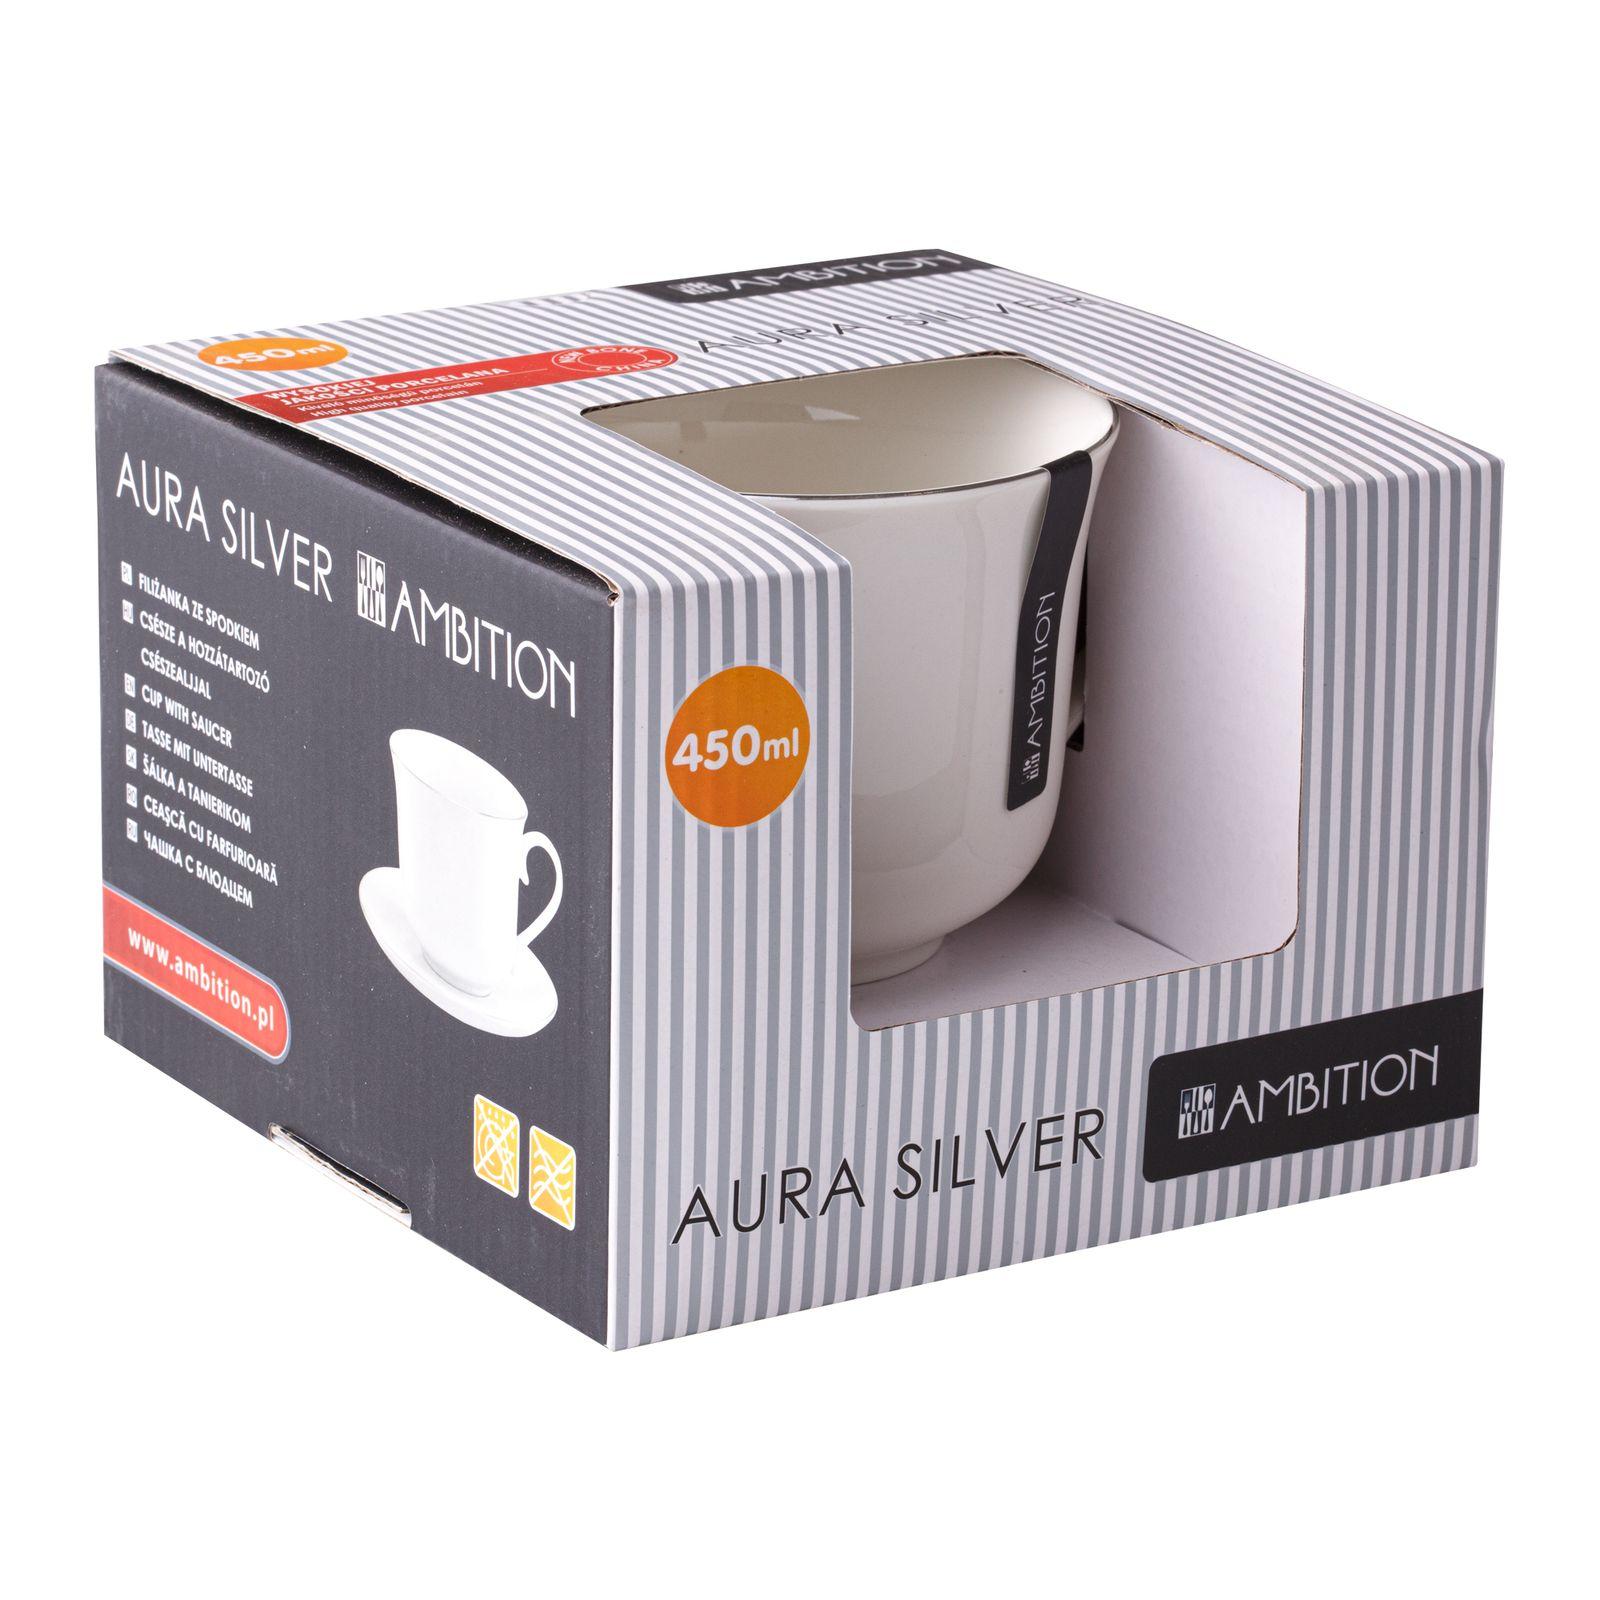 Tasse mit Untertasse Aura Silver 450 ml AMBITION